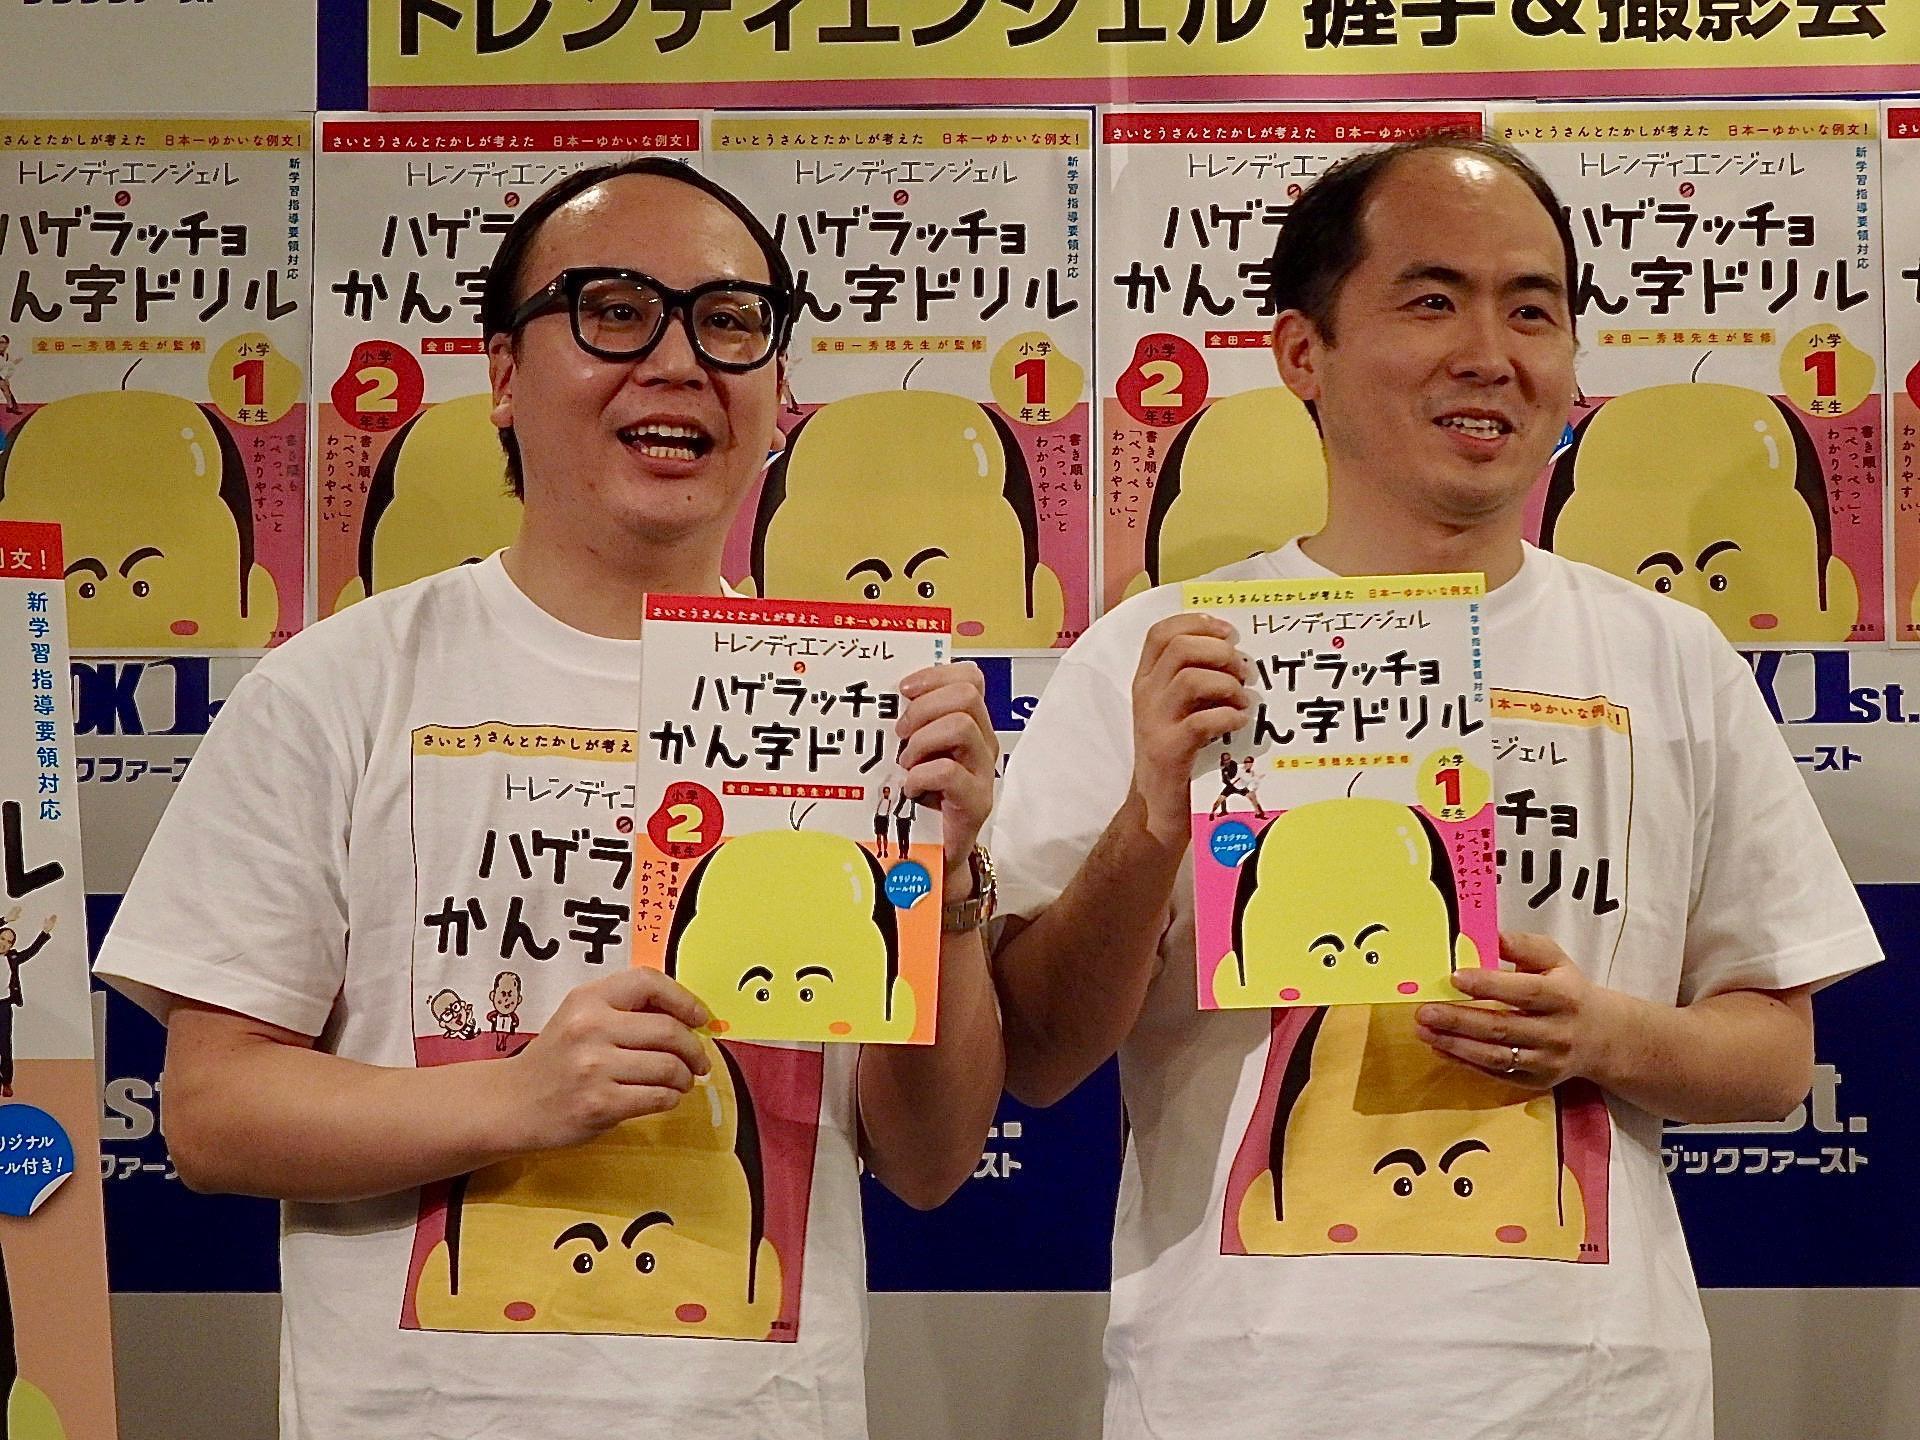 http://news.yoshimoto.co.jp/20180412000126-a284af4fb7250af08d19fc9df9ed085b53e5f501.jpg